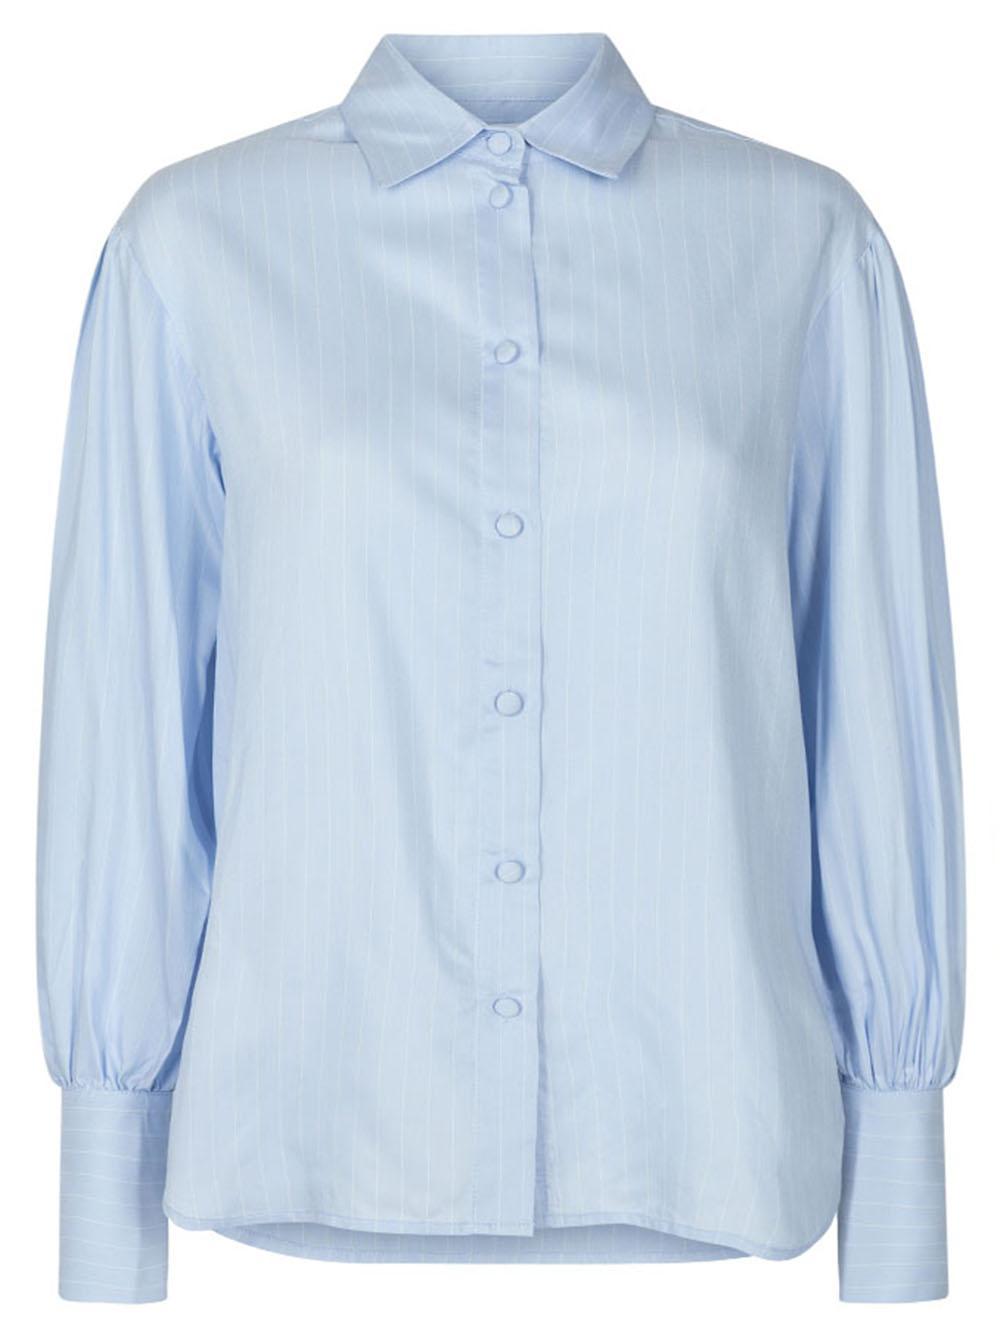 Mana Sleeve Shirt Item # 16062